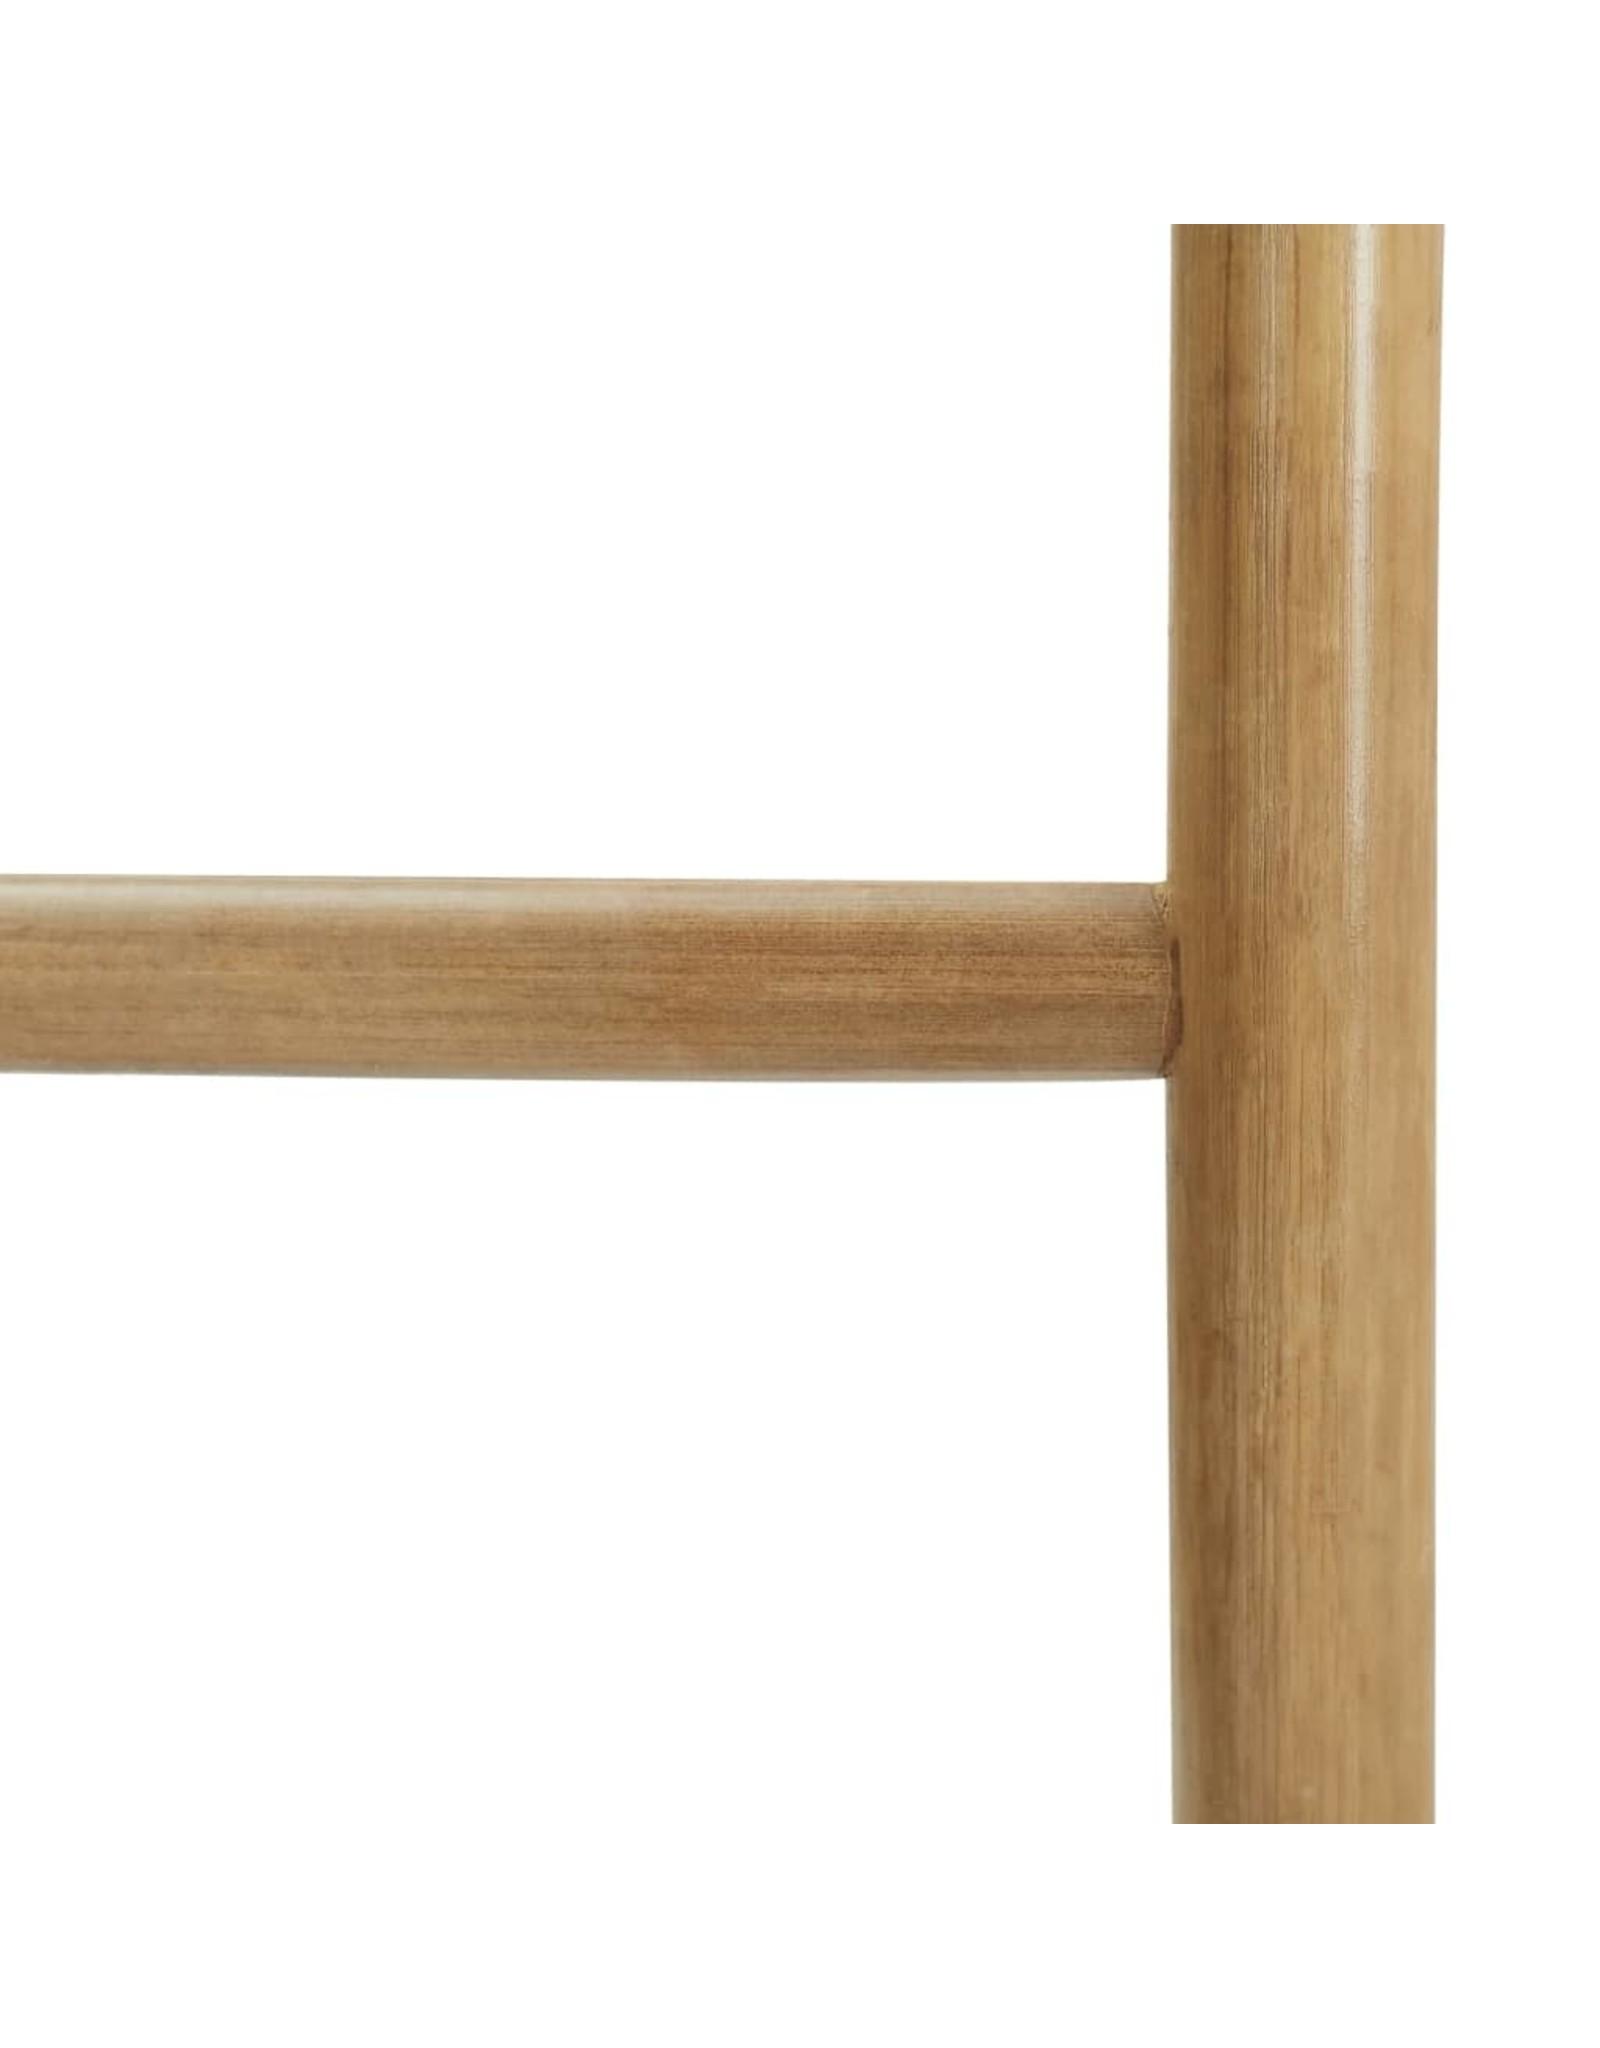 Handdoekladder met 5 sporten 170 cm bamboe